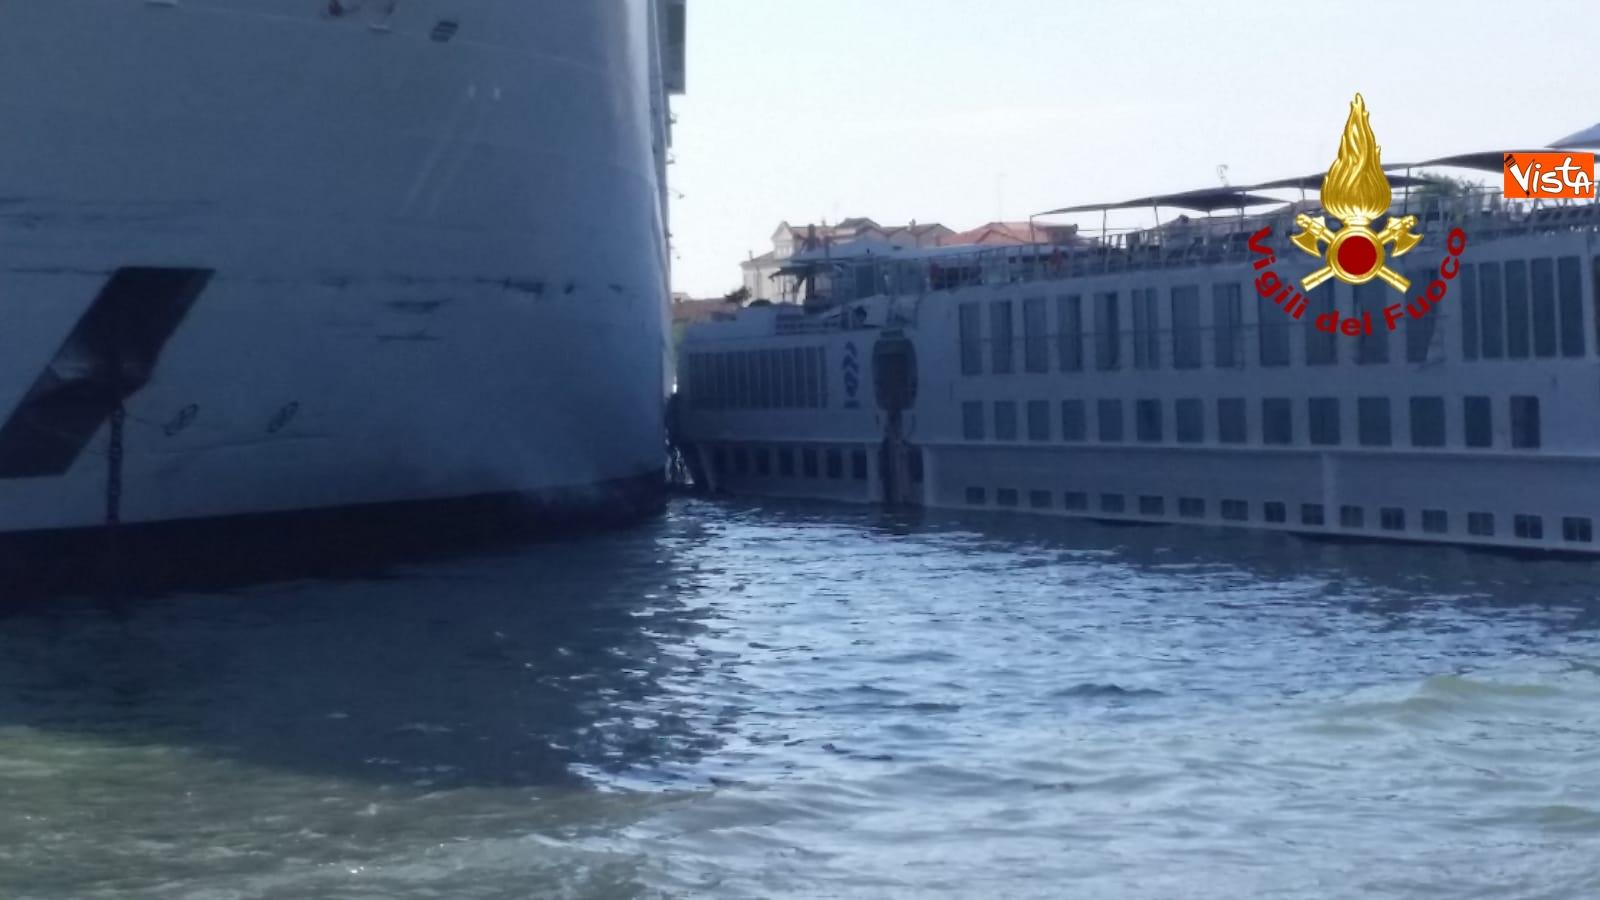 02-06-19 Scontro a Venezia fra nave da crociera e battello turistico le verifiche dei vigili del fuoco dopo l incidente_08